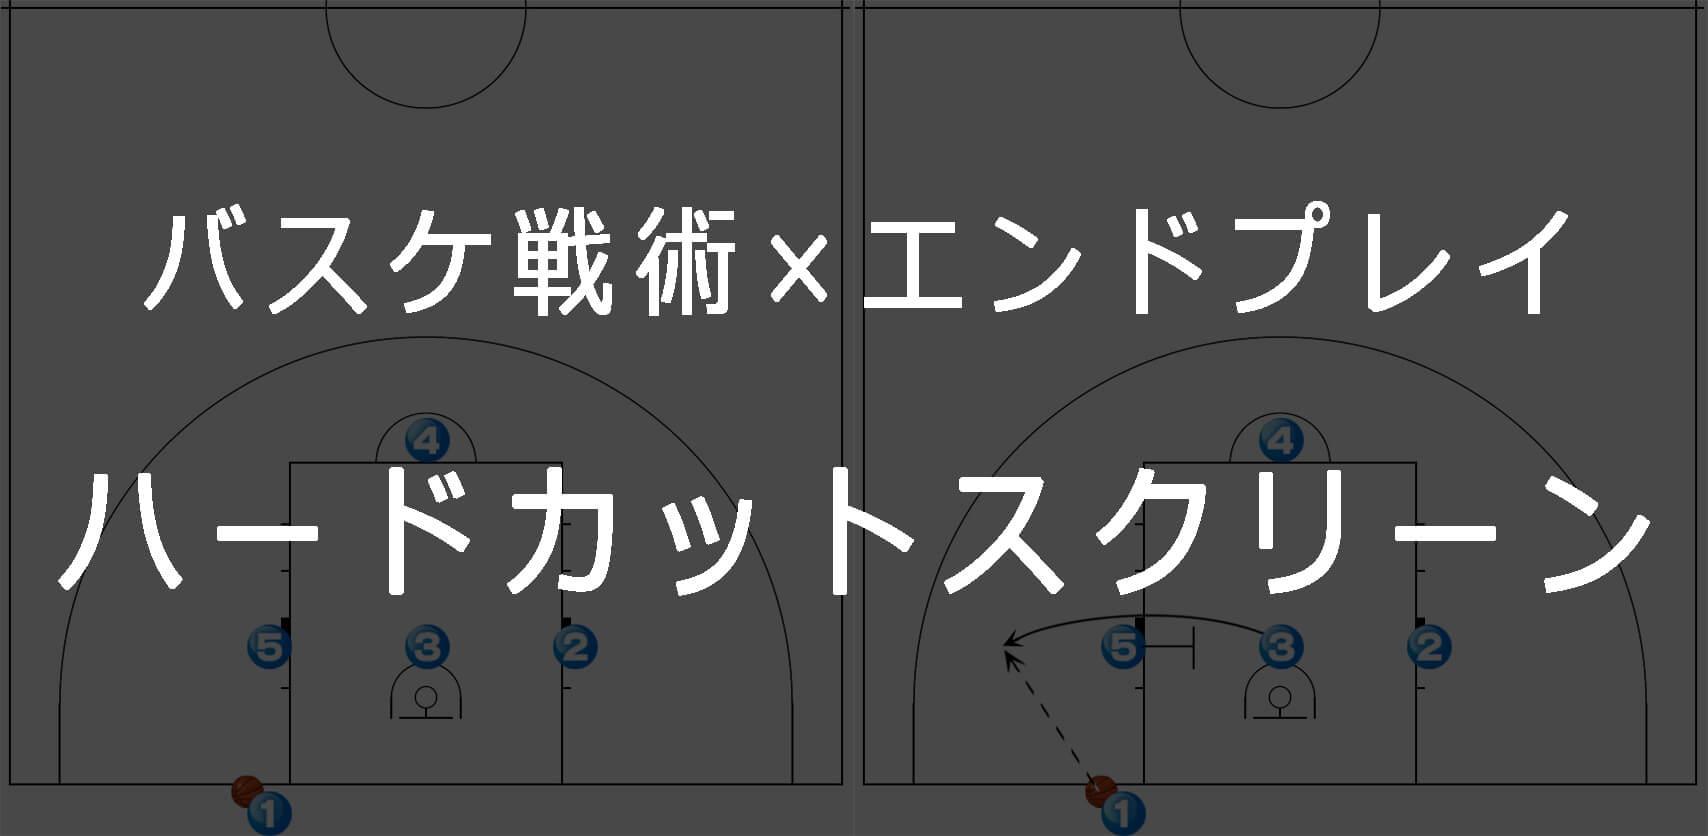 《バスケ×エンドプレイ》ハードカットスクリーンセット